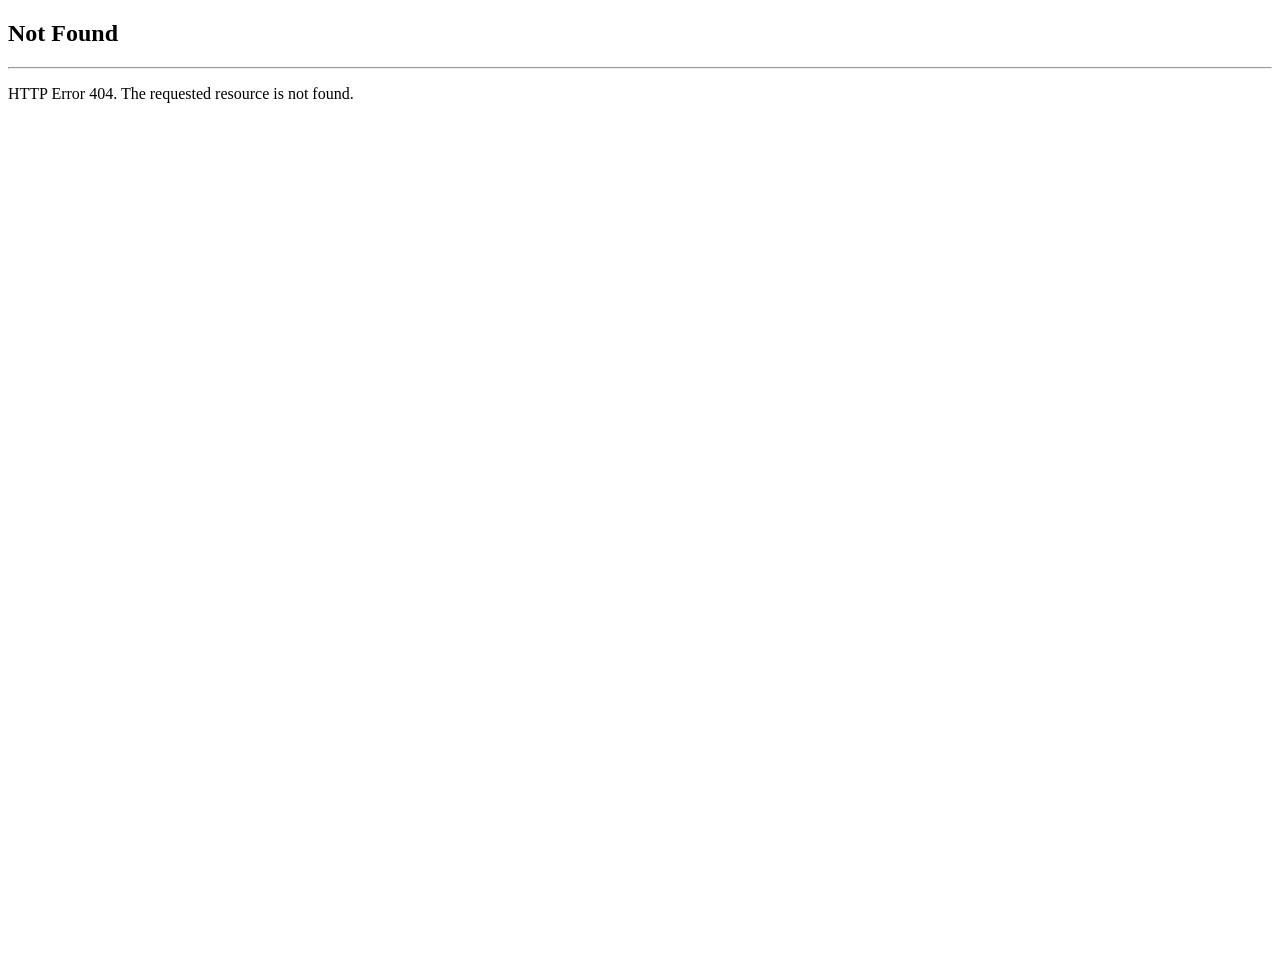 【轉知】中華民國殘障體育運動總會辦理「110年全國身心障礙者會長盃射箭錦標賽」競賽規程